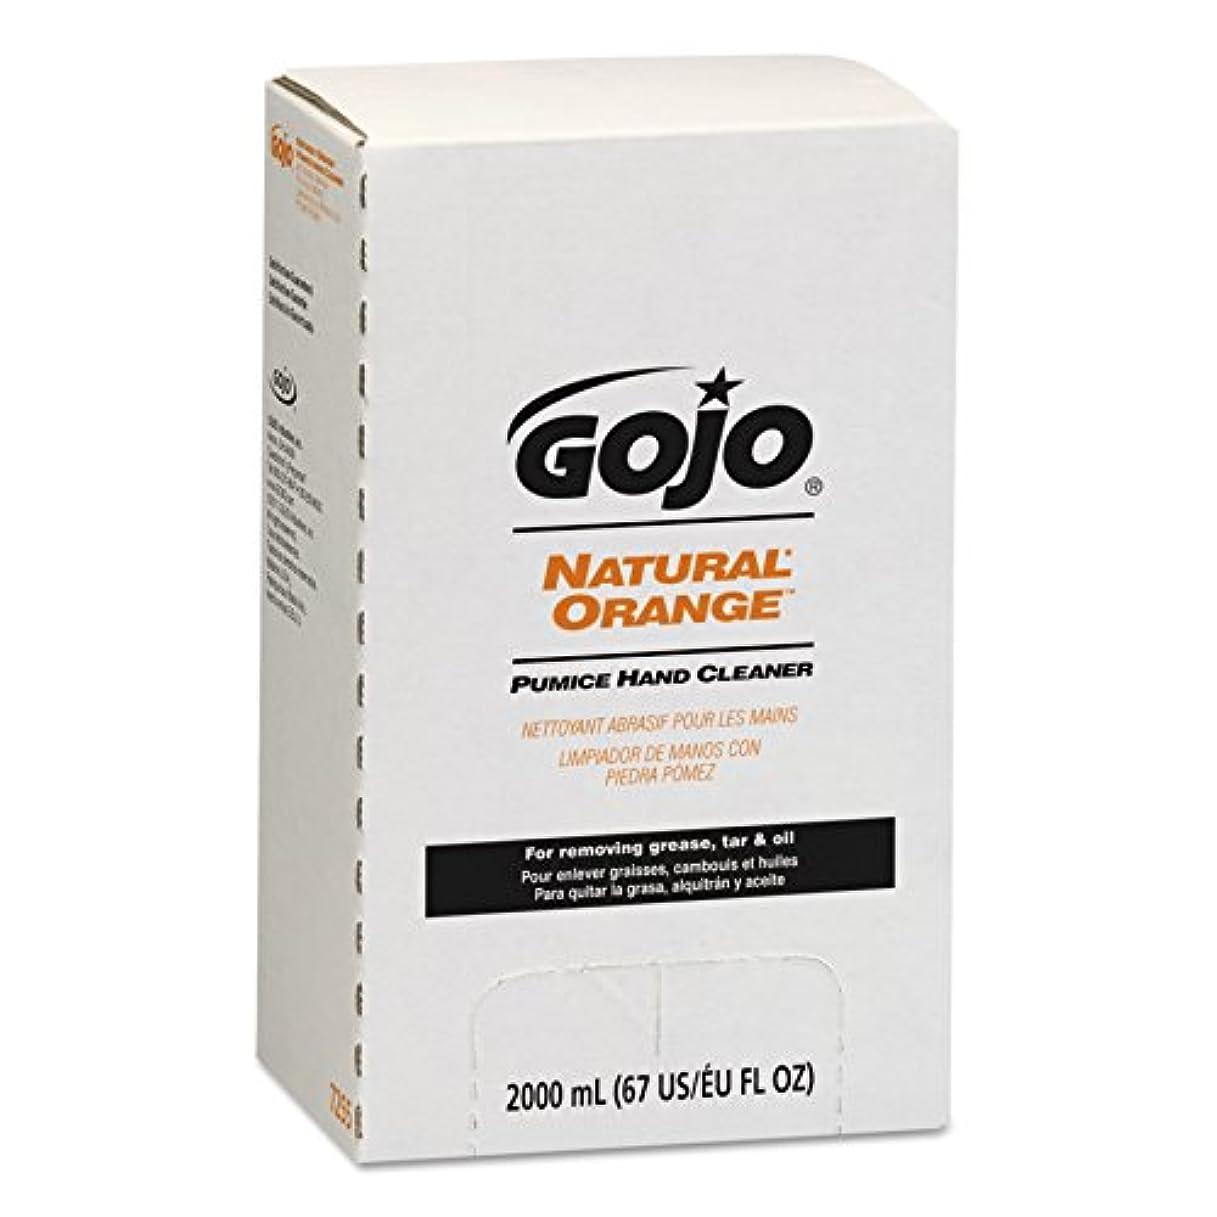 被害者楽な後ろ、背後、背面(部NATURAL ORANGE Pumice Hand Cleaner Refill, Citrus Scent, 2000 mL, 4/Carton (並行輸入品)